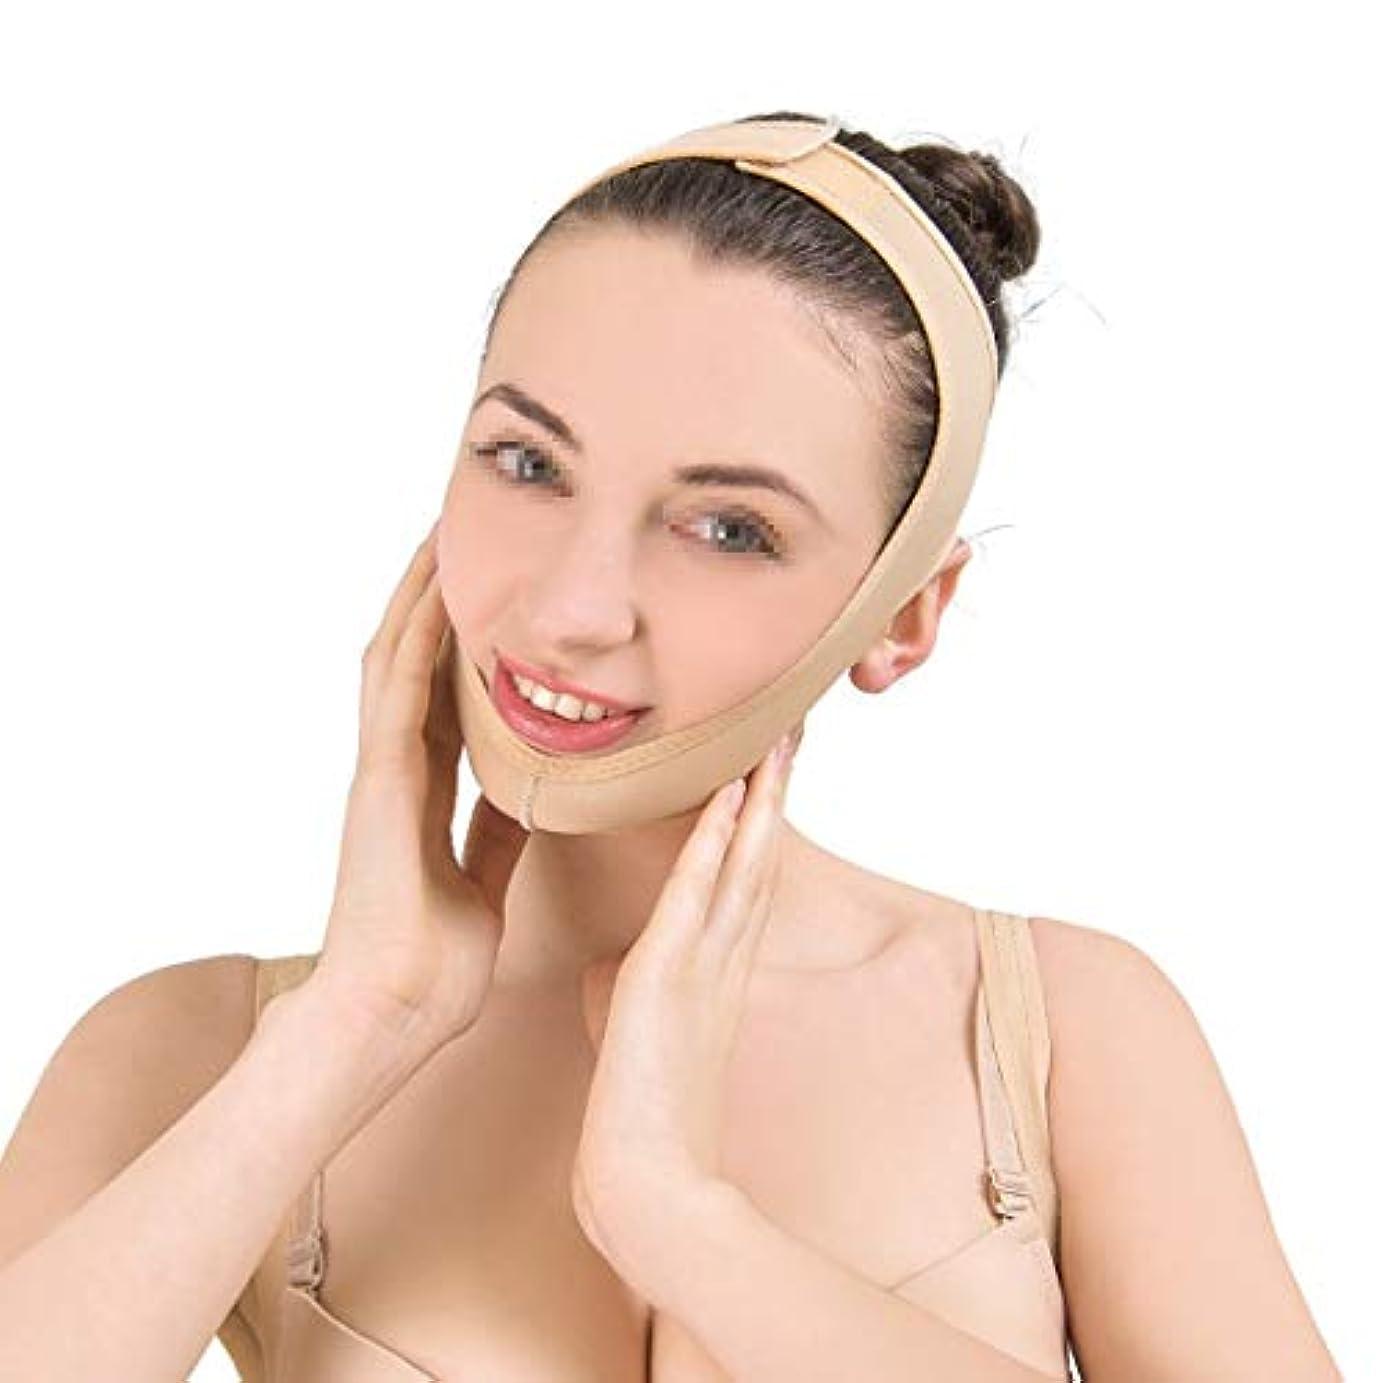 氏赤外線白雪姫ZWBD フェイスマスク, フェイシャル痩身フェイシャルマスクリフティングベルトで肌の包帯を引き締め、Vフェイスライン包帯のダブルチンケア減量ベルトを強化 (Size : M)